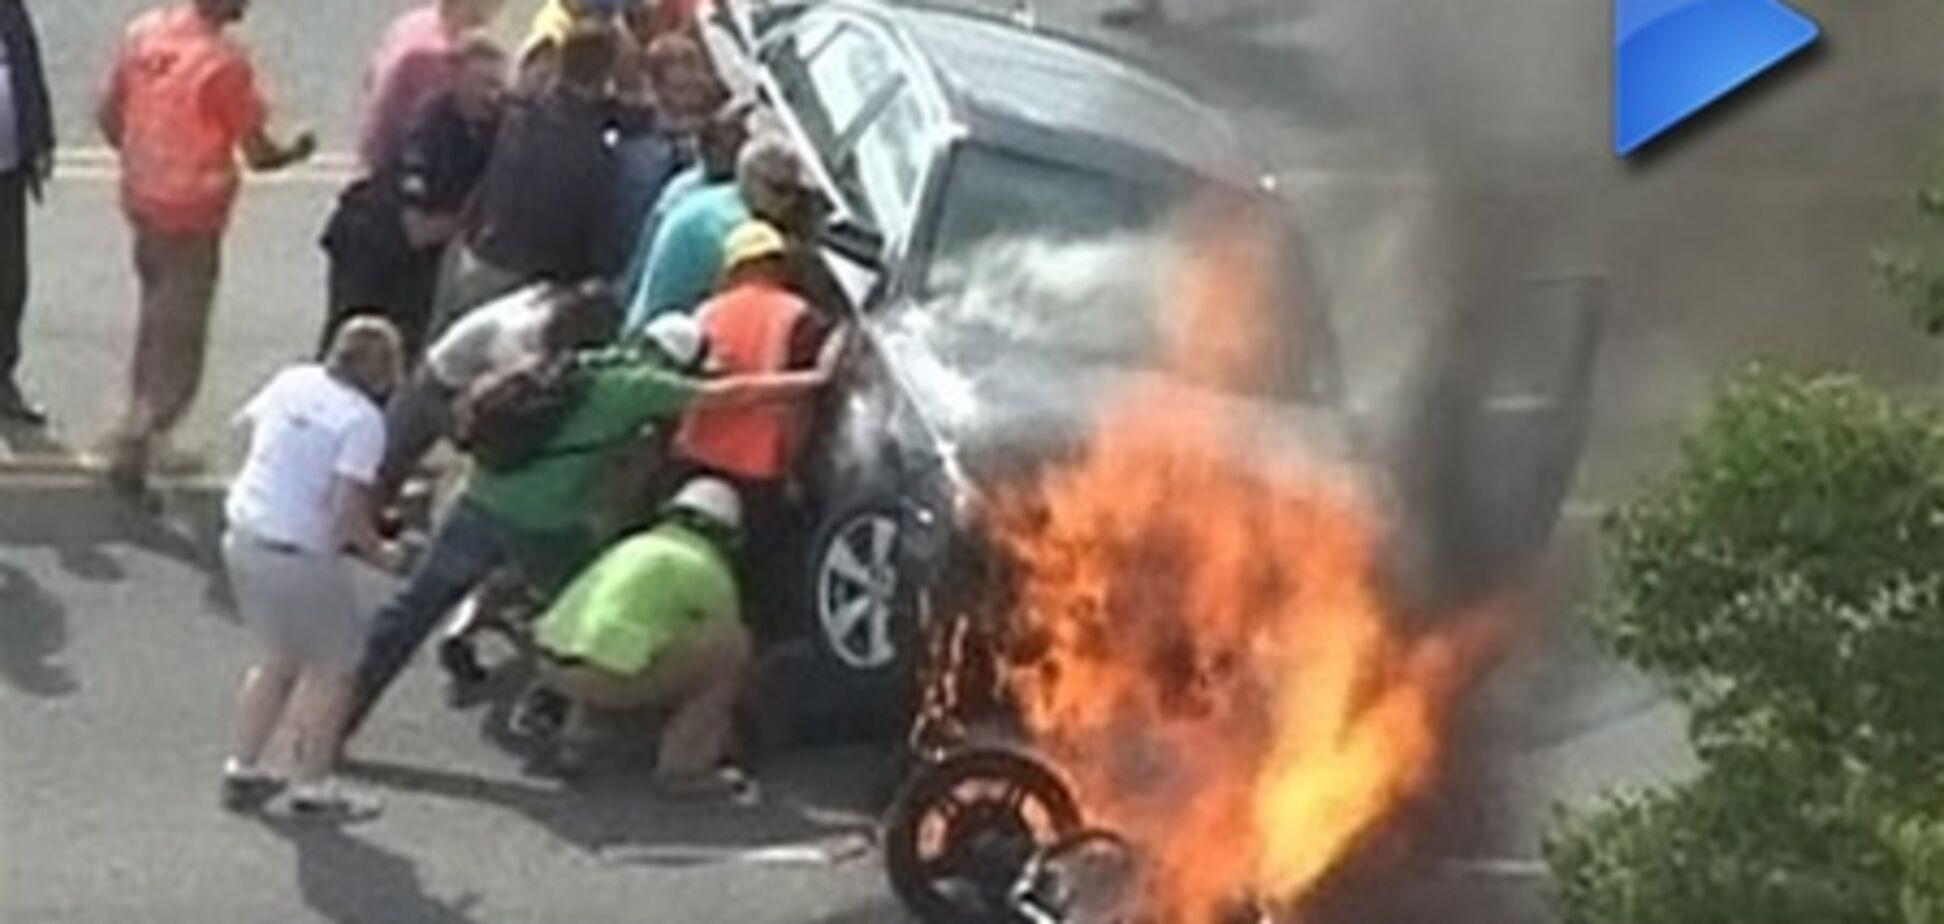 ОБОЗ.TV: прохожие вытащили мотоциклиста с того света